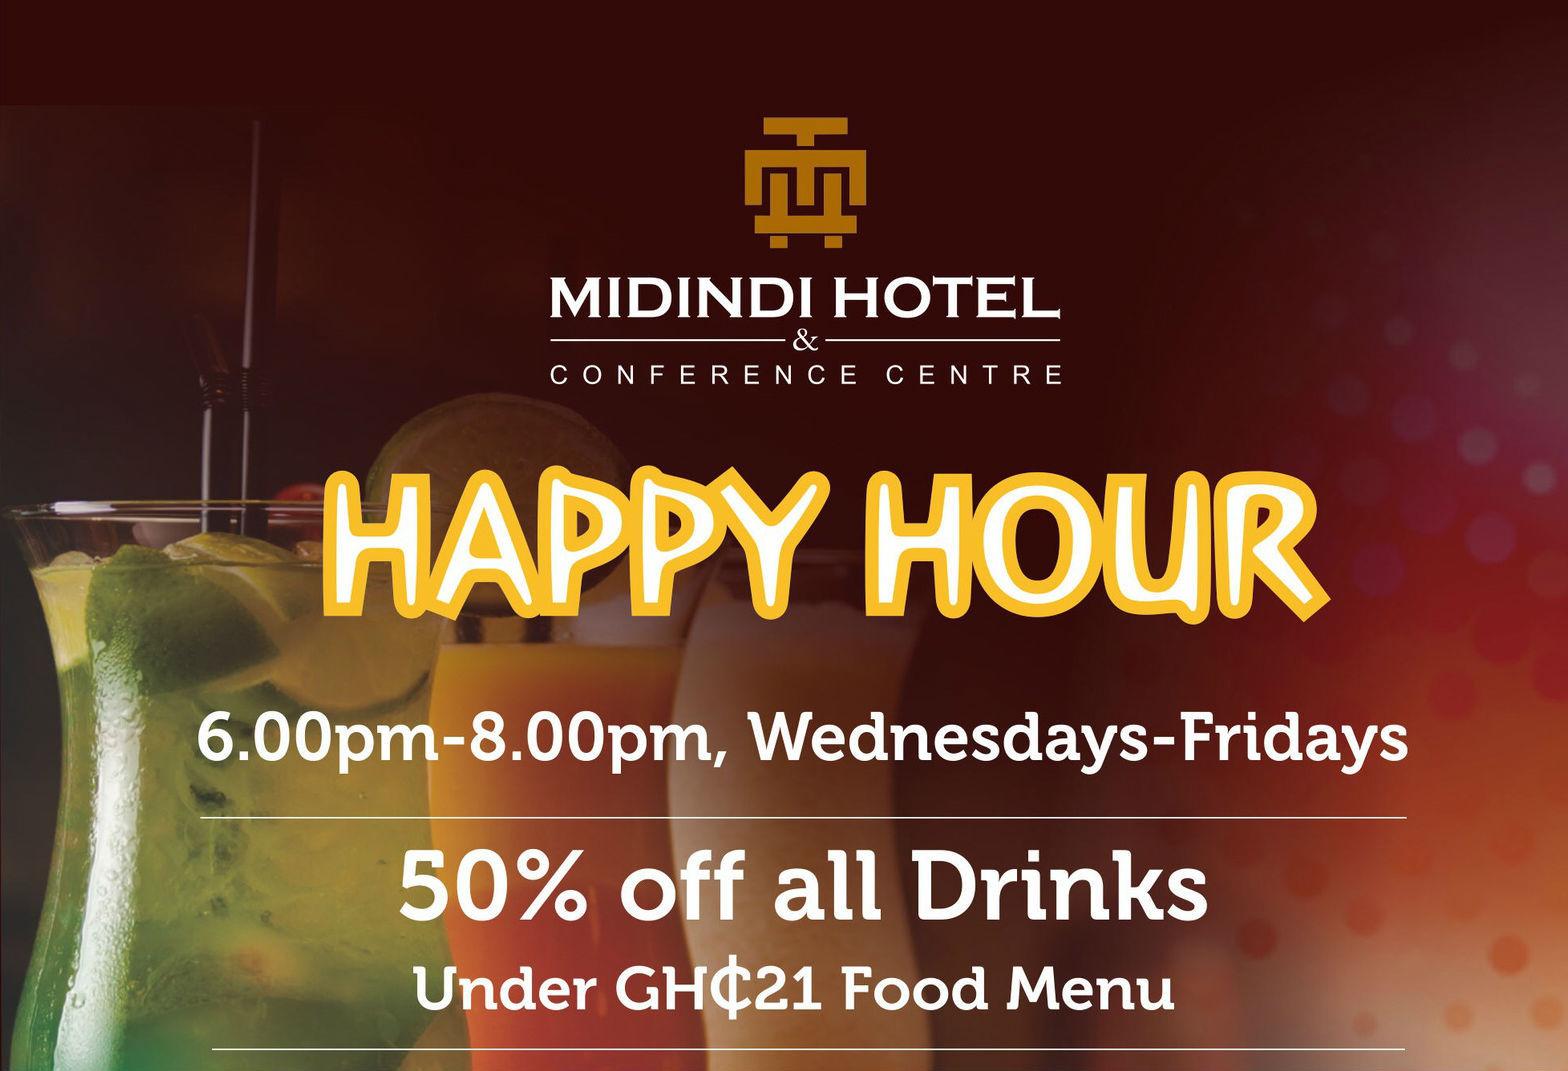 Happy Hour at Midindi Hotel